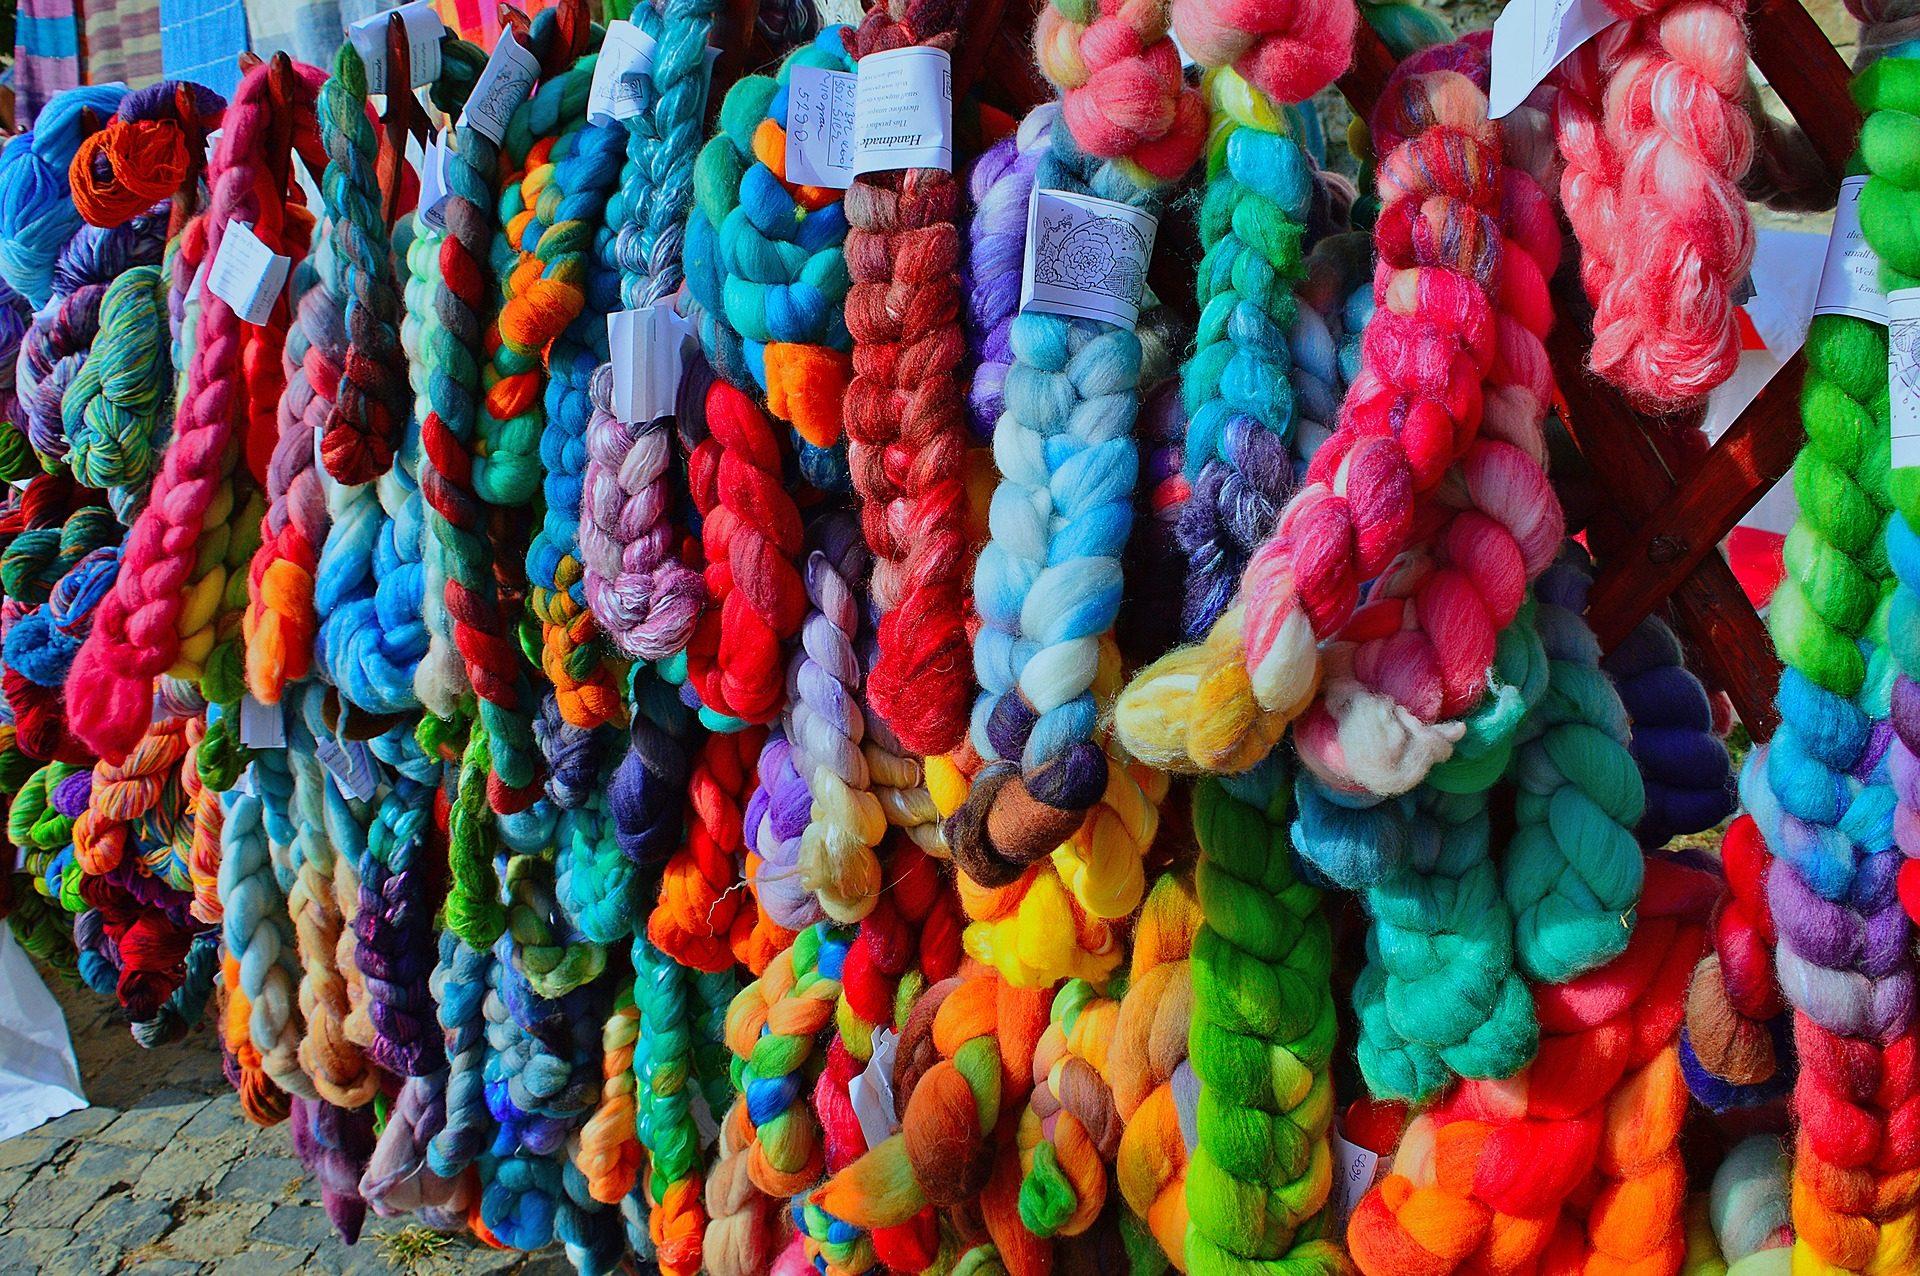 Tópicos, cadeias de caracteres, laços, tranças, colorido - Papéis de parede HD - Professor-falken.com